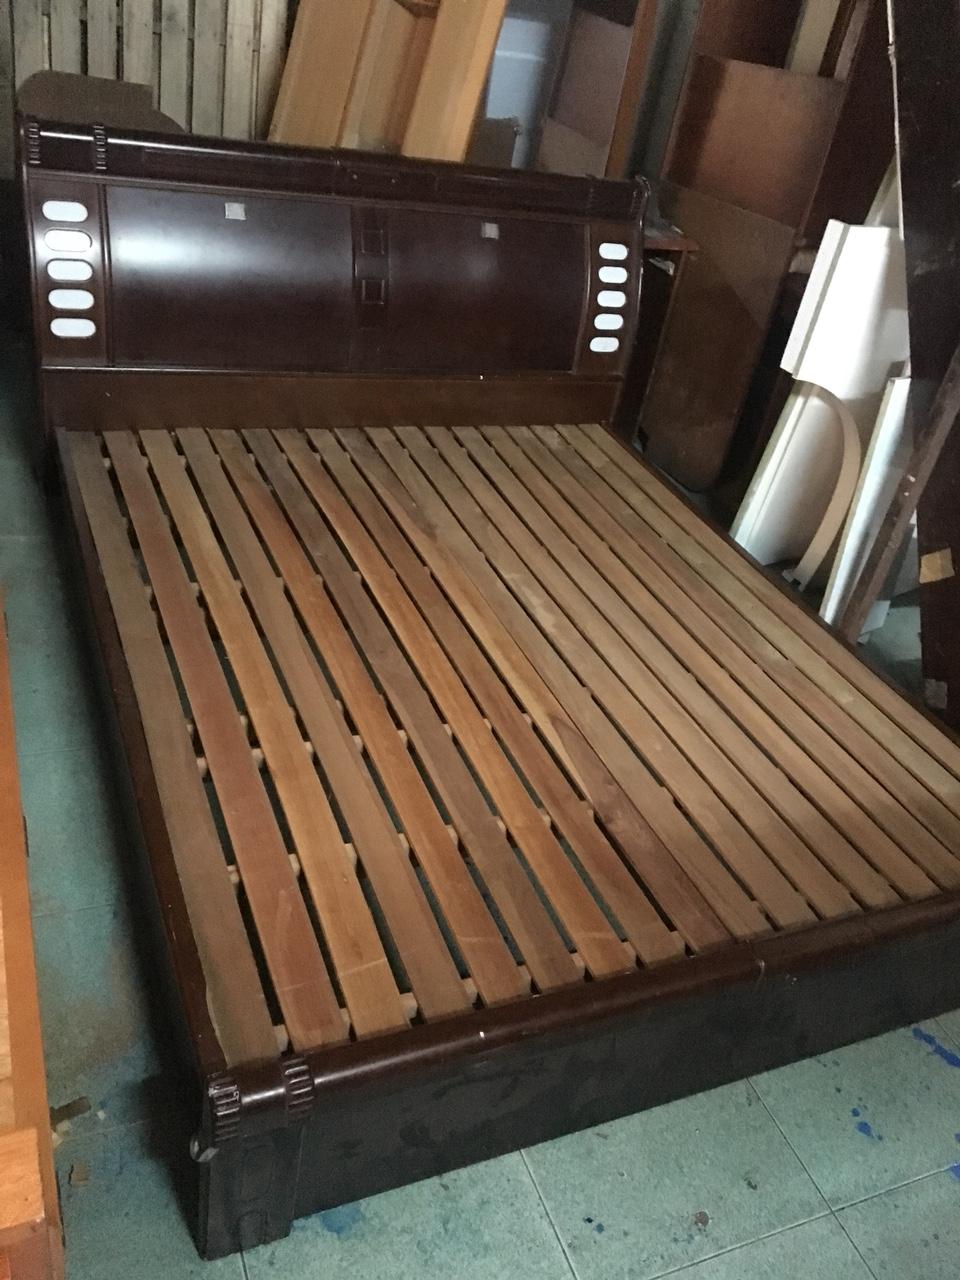 Thanh lý giường cũ MDF cao cấp giá rẻ